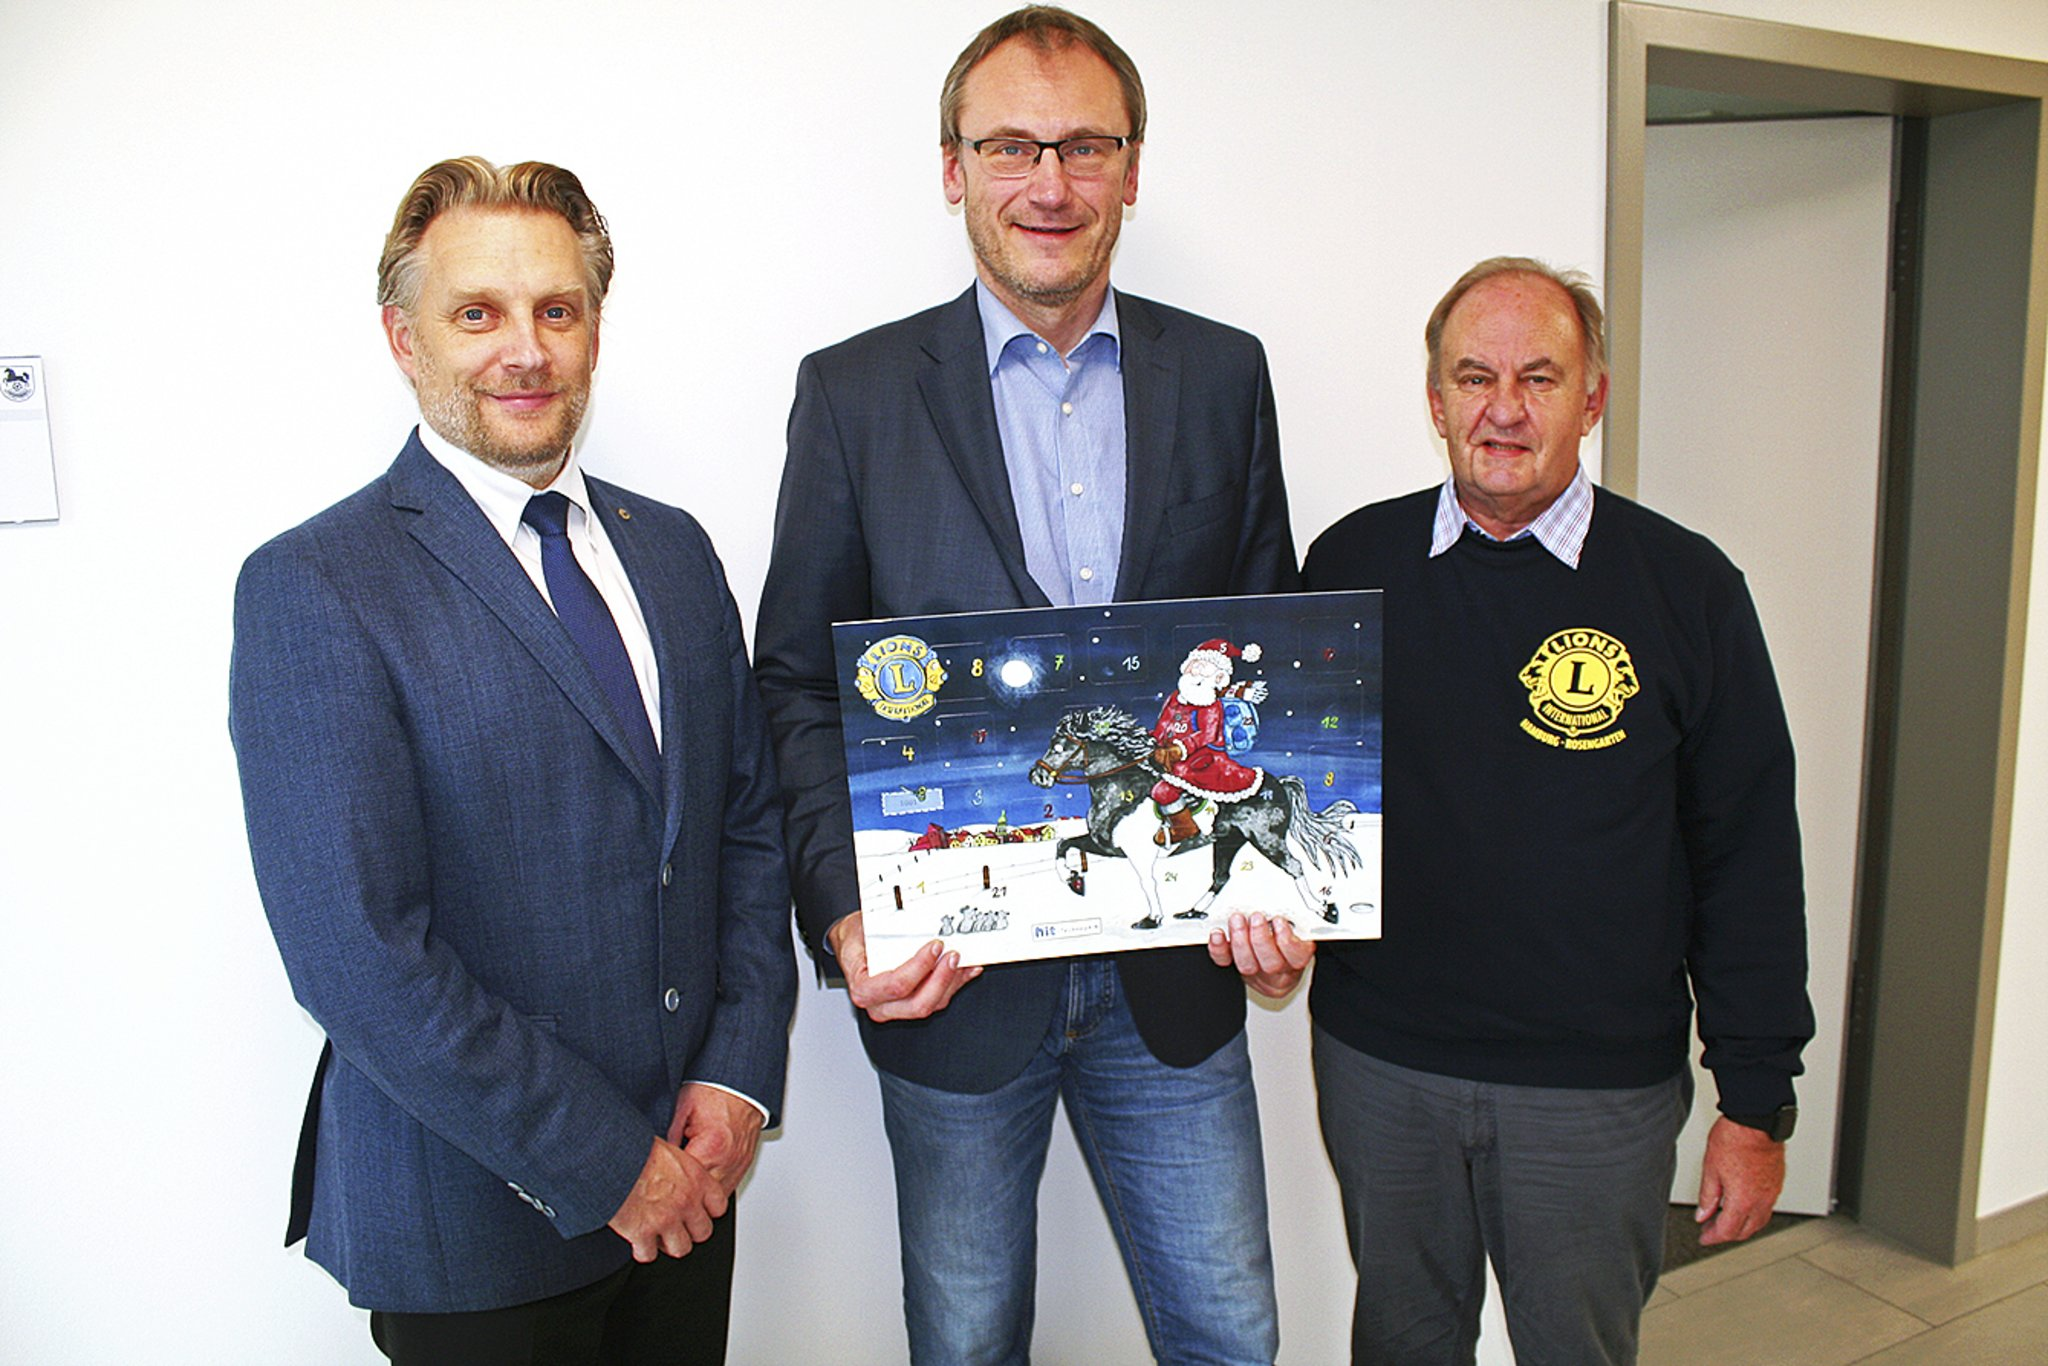 Adventskalender des Lions Clubs Rosengarten: Gewinne im Wert von 27.000 Euro - Kreiszeitung Wochenblatt